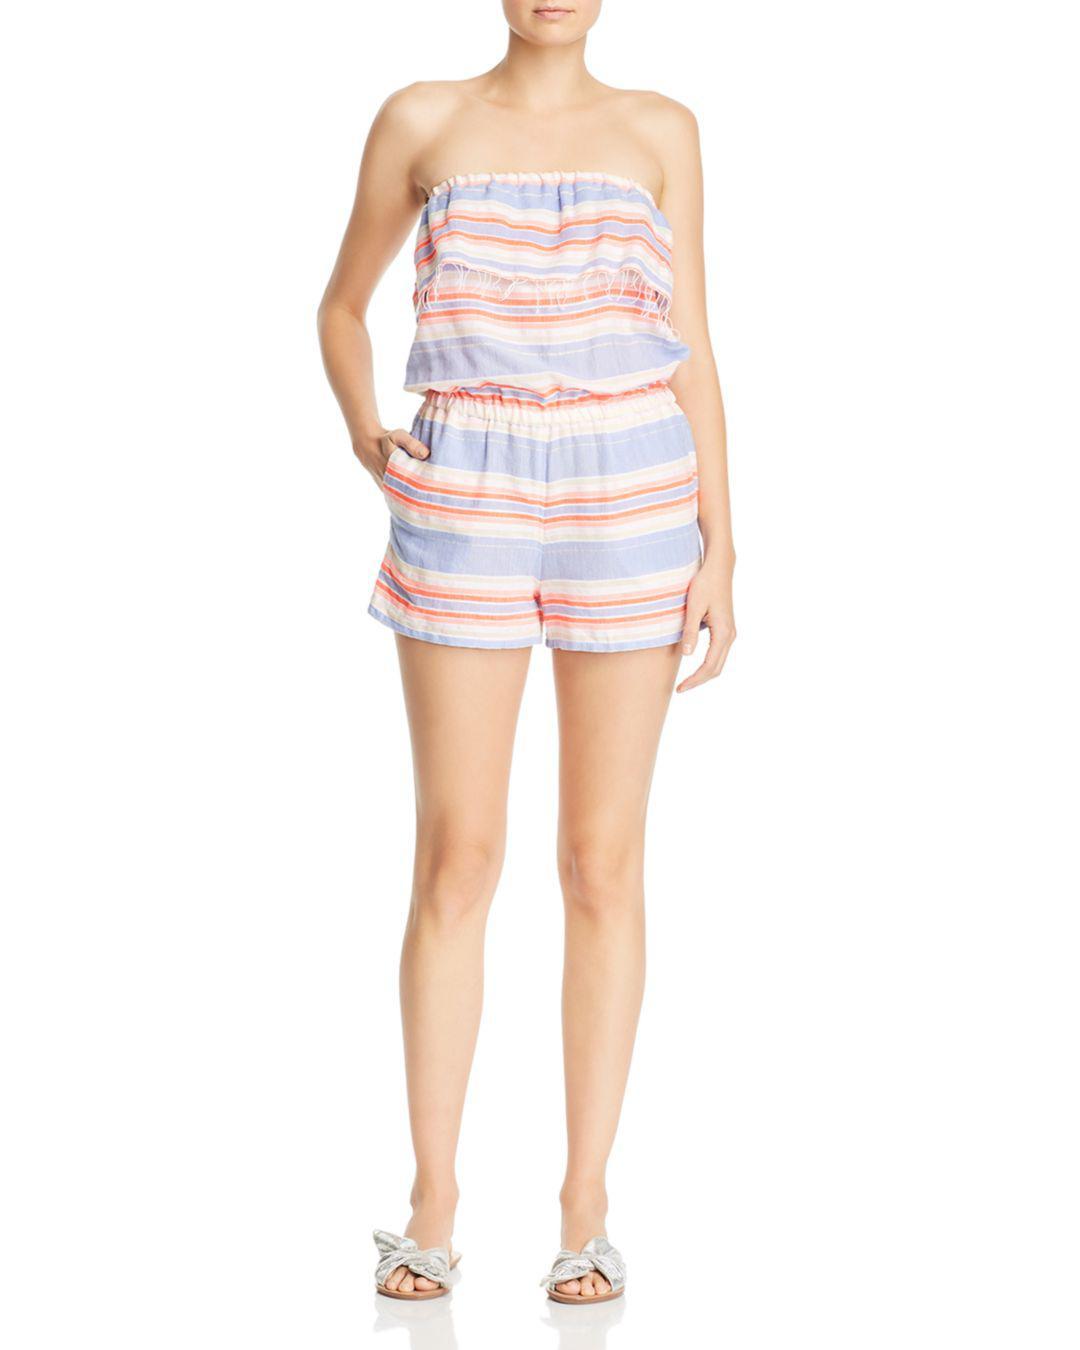 b5b9acddea00 lemlem. Women s Fiesta Strapless Striped Romper